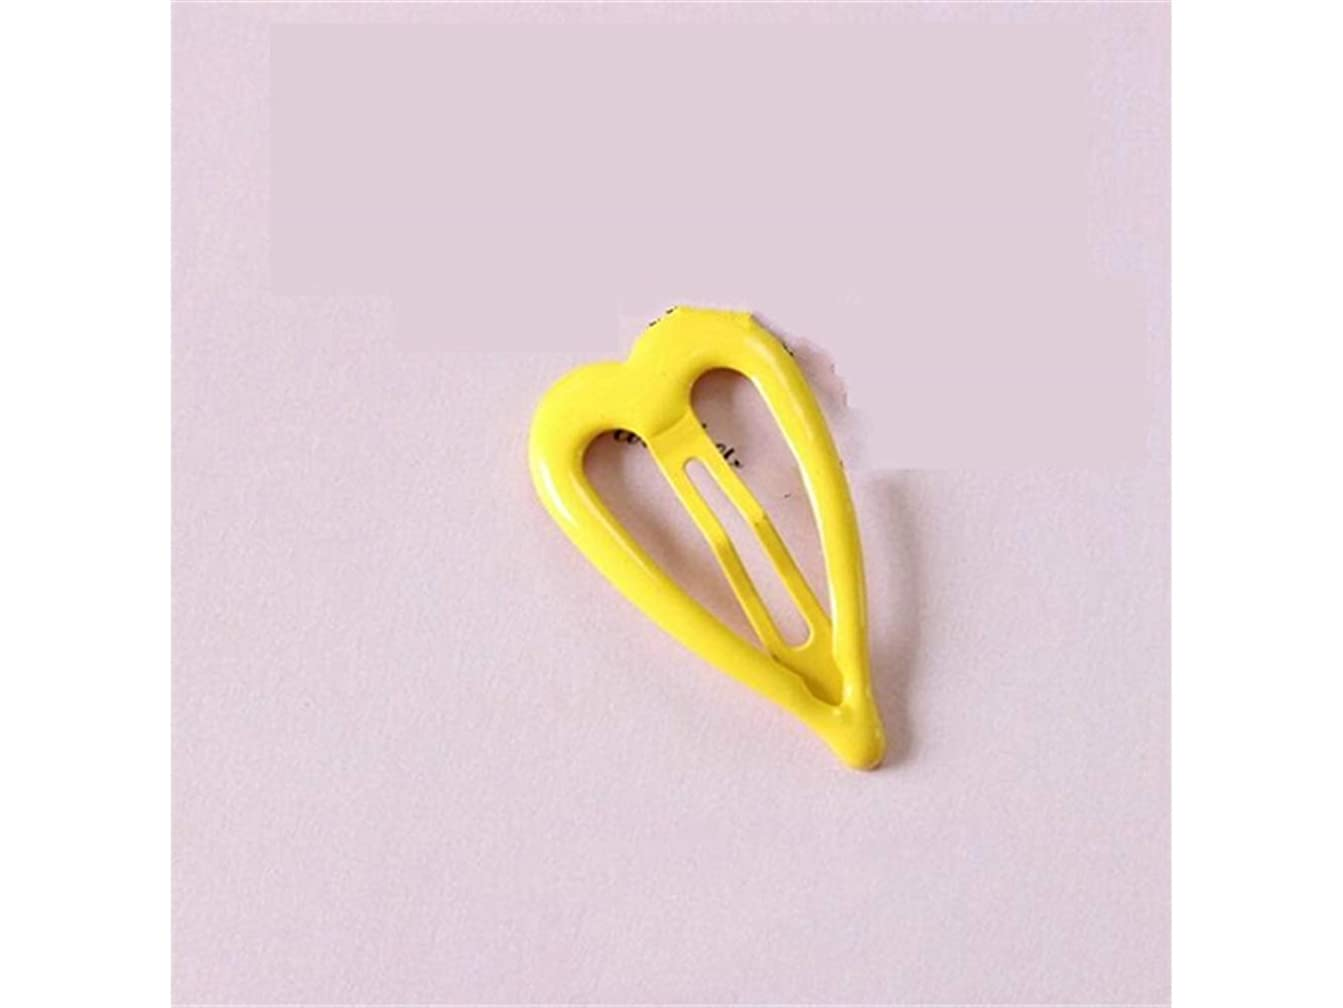 簡単な修理可能旅Osize 美しいスタイル かわいい愛の心の水ドロップヘアピンBBクリップのバングズ女の子のためのヘアアクセサリー(黄色)